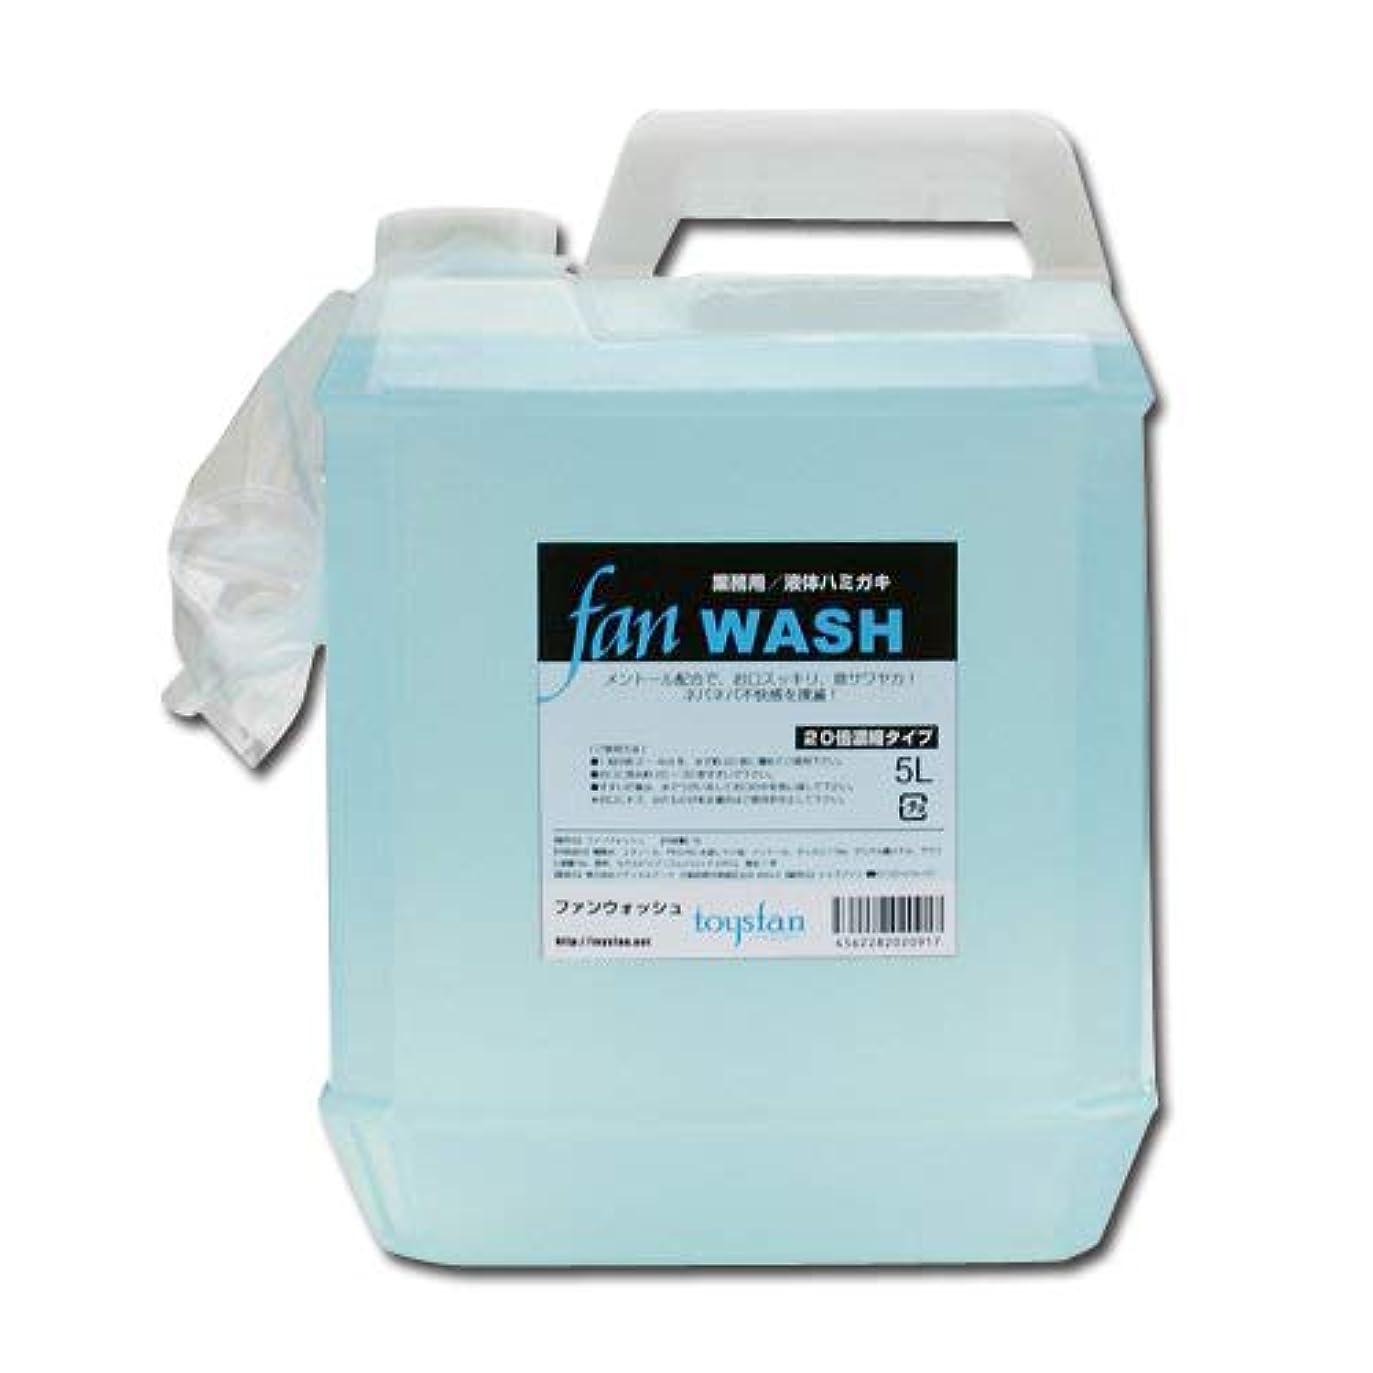 いつもゴルフどこでもファンウォッシュ 5L(20倍濃縮)業務用液体ハミガキ FAN WASHメントール配合│液体歯磨き大容量!うがい液